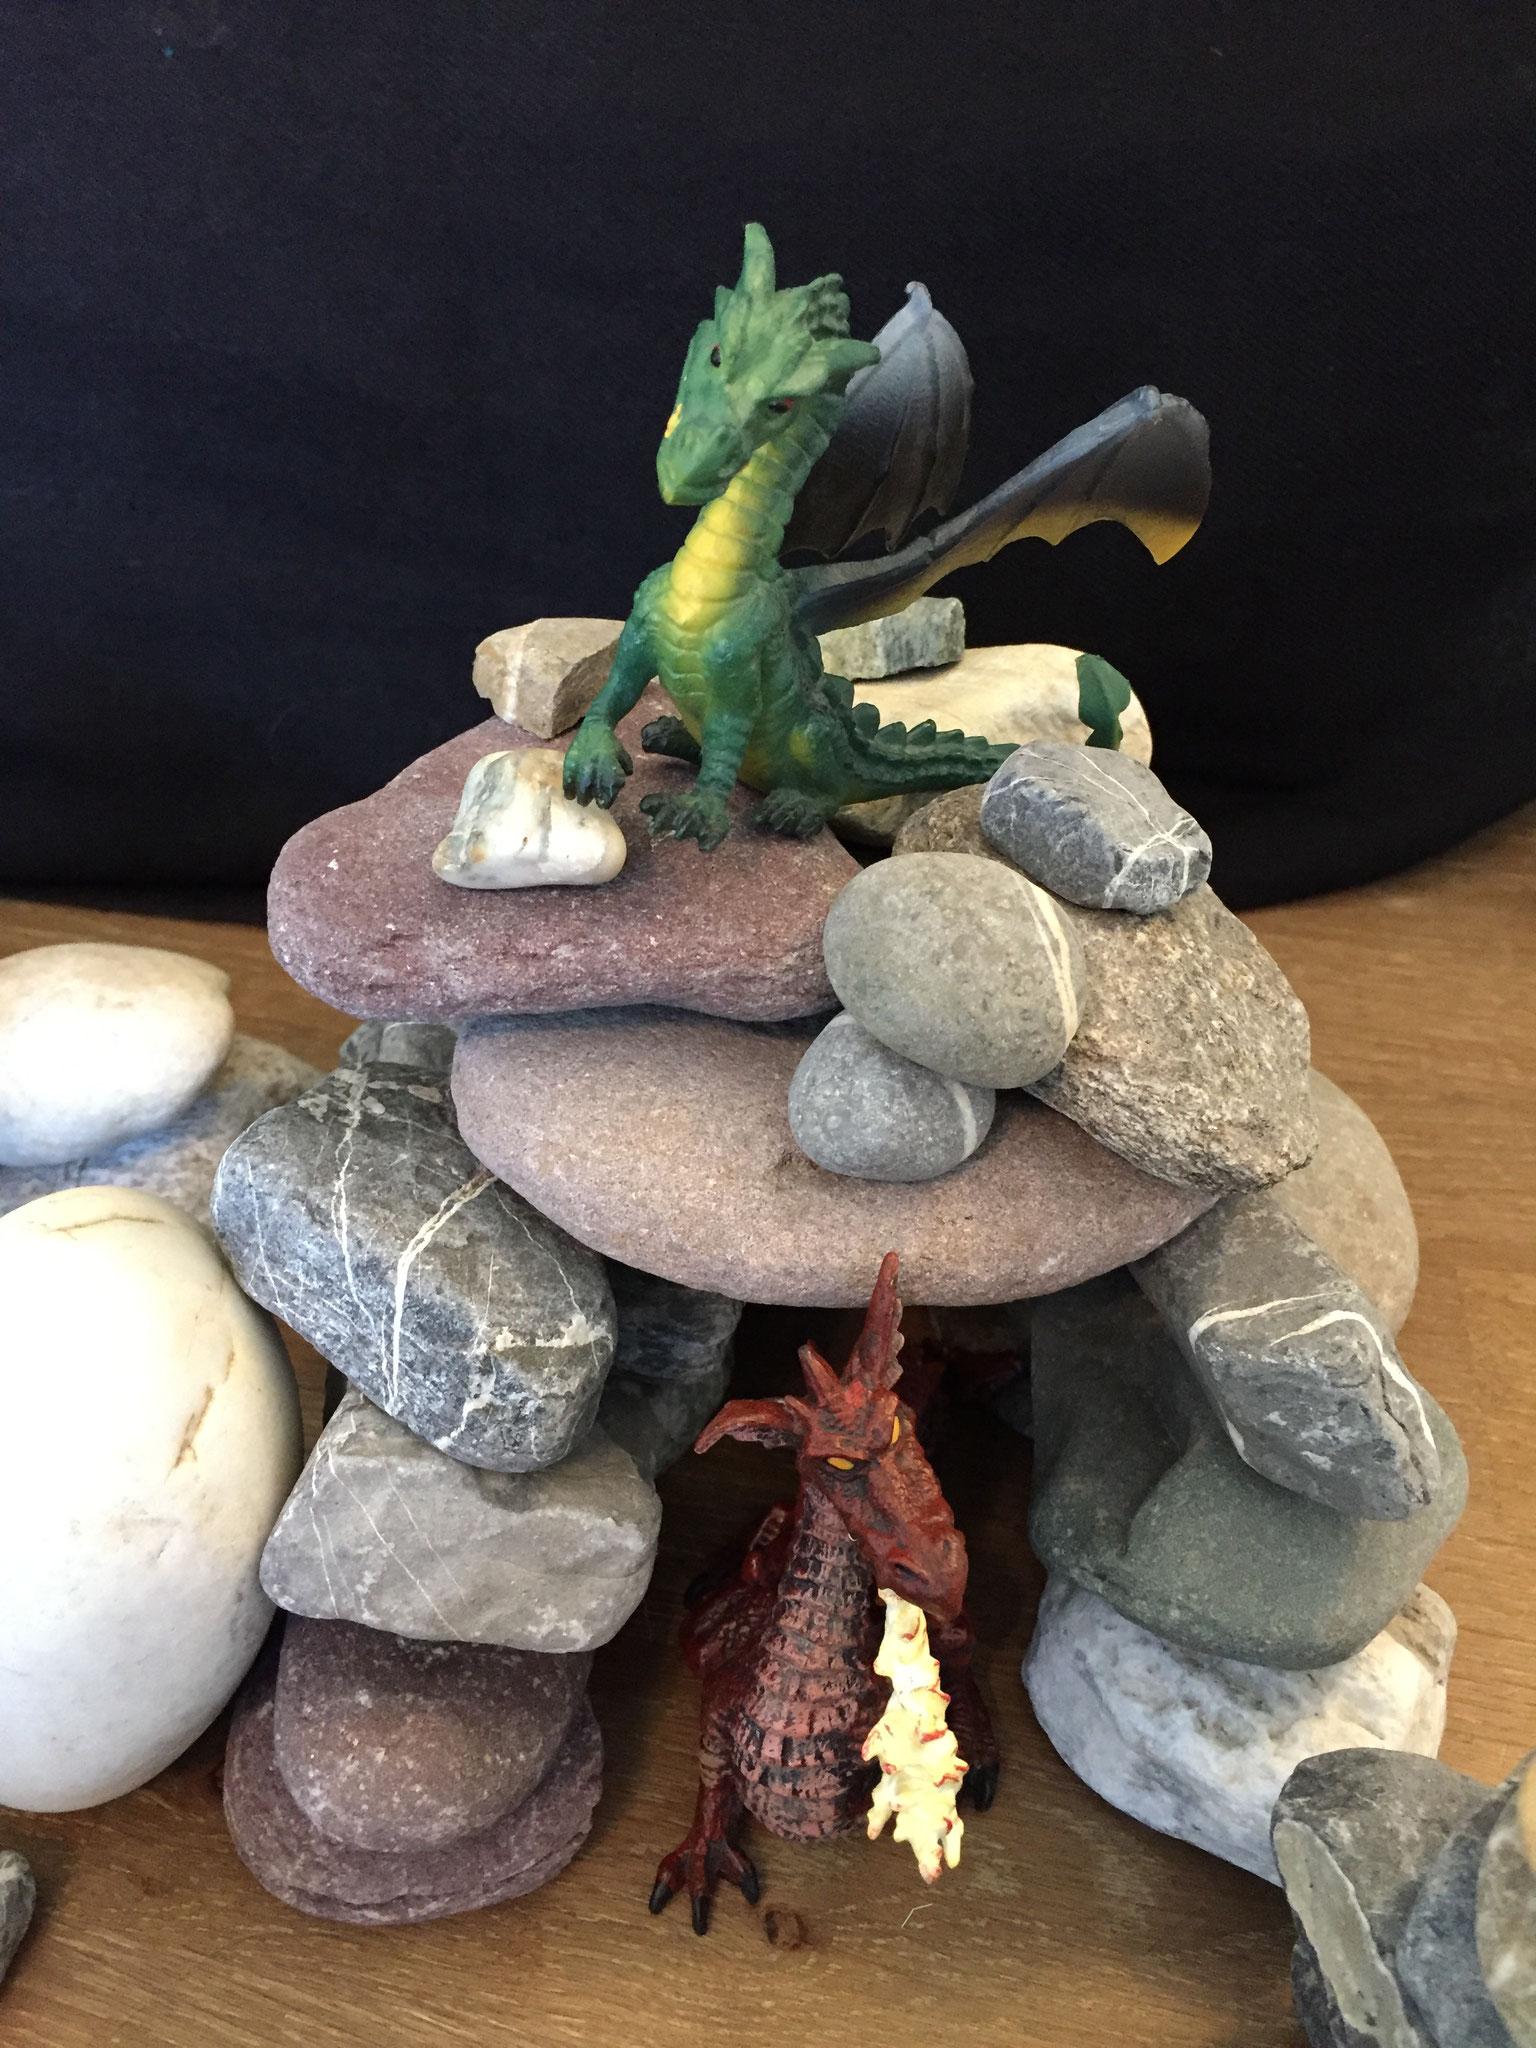 Es waren einmal zwei Drachen. Sie waren sehr böse. Sie lebten in einer Höhle im Wald.